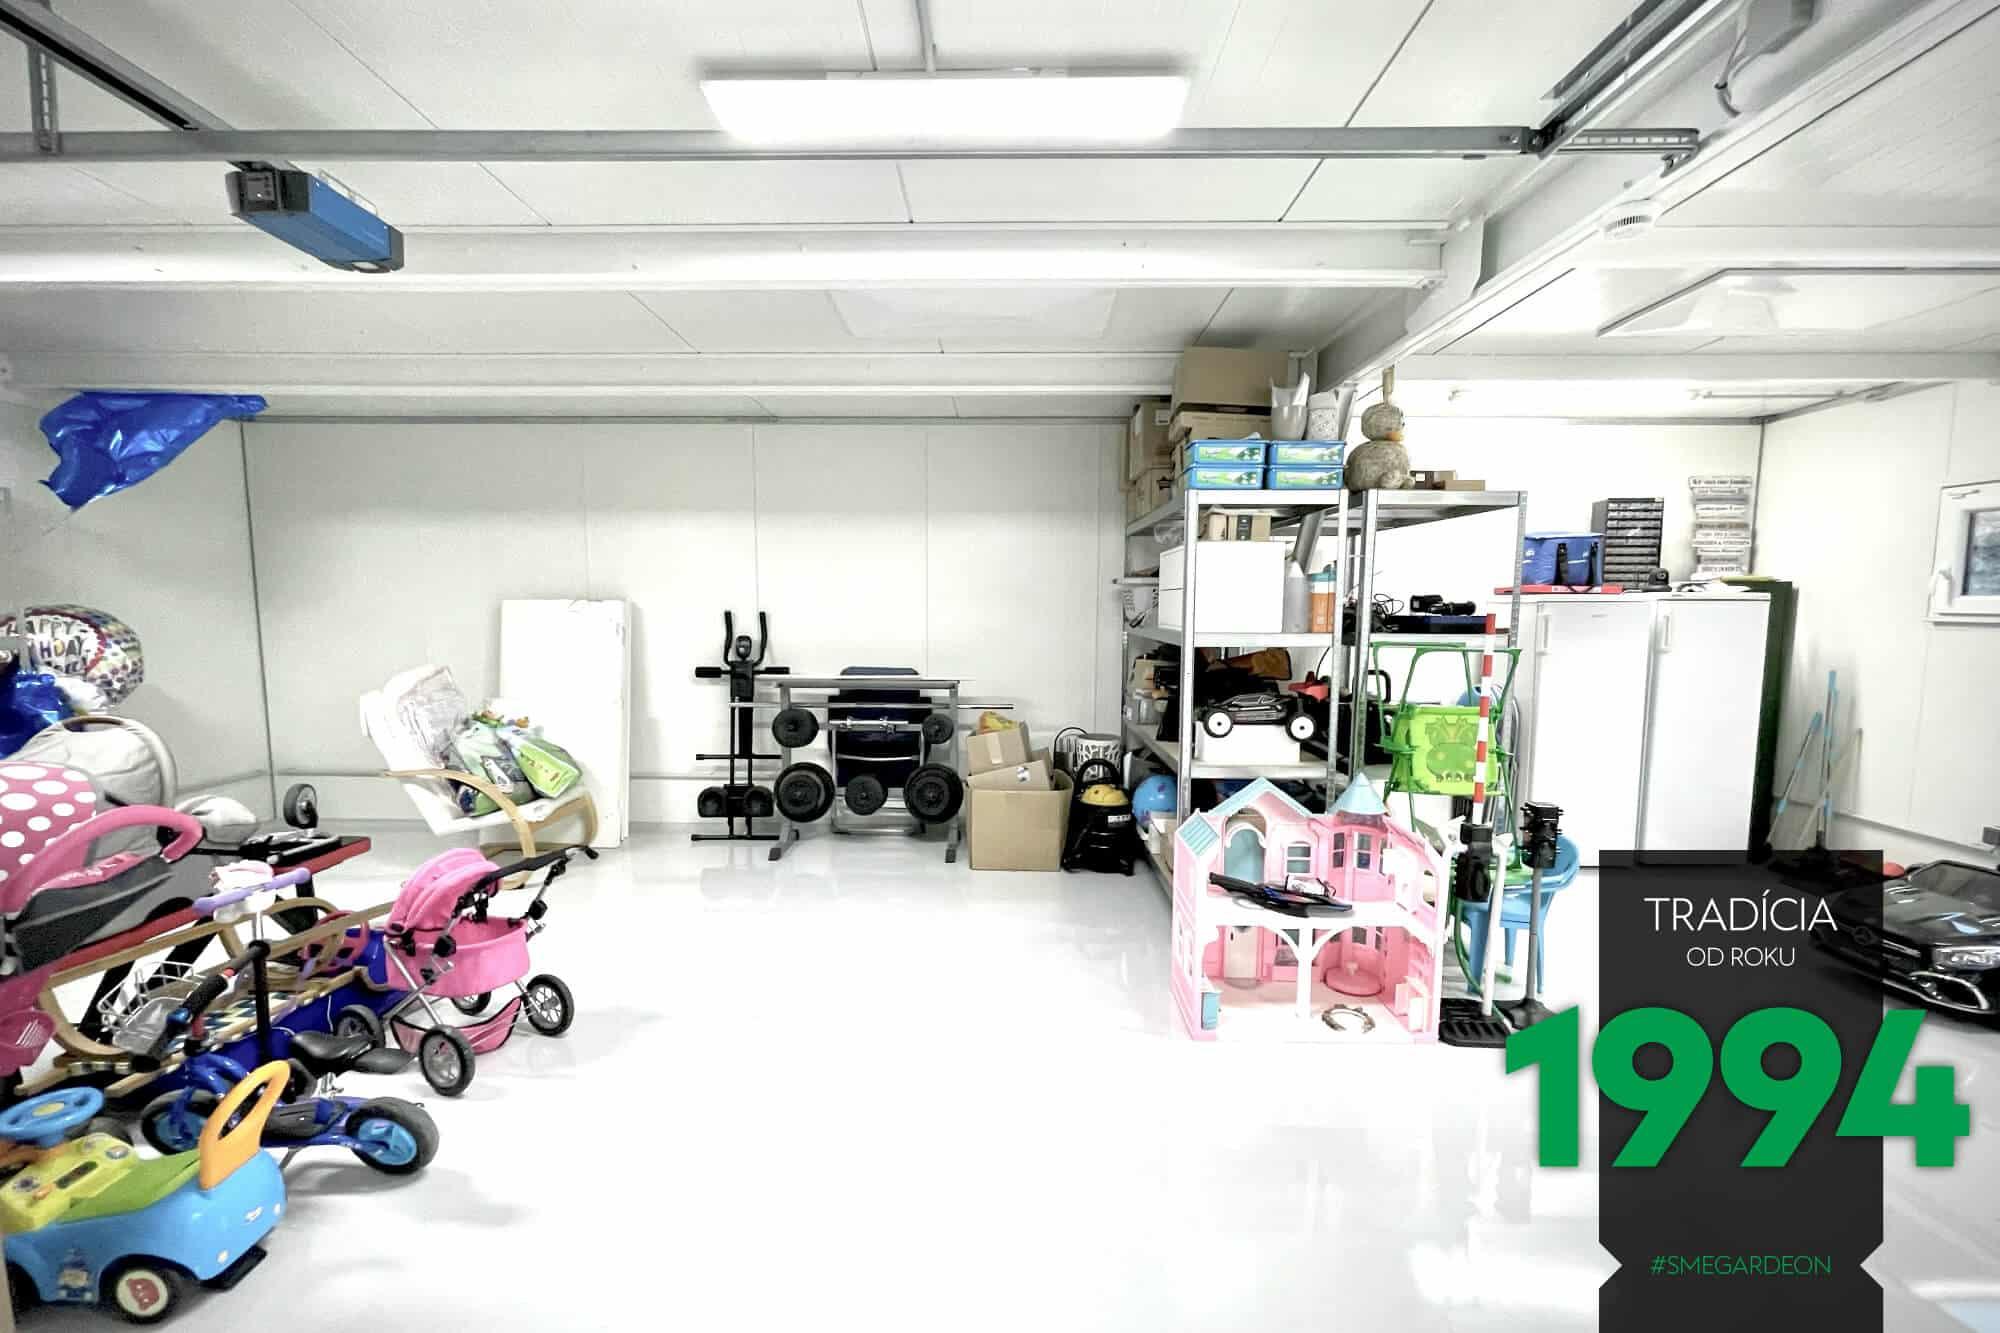 Police, ľadničky, bicykle, hračky vo vnútri montovanej stavby